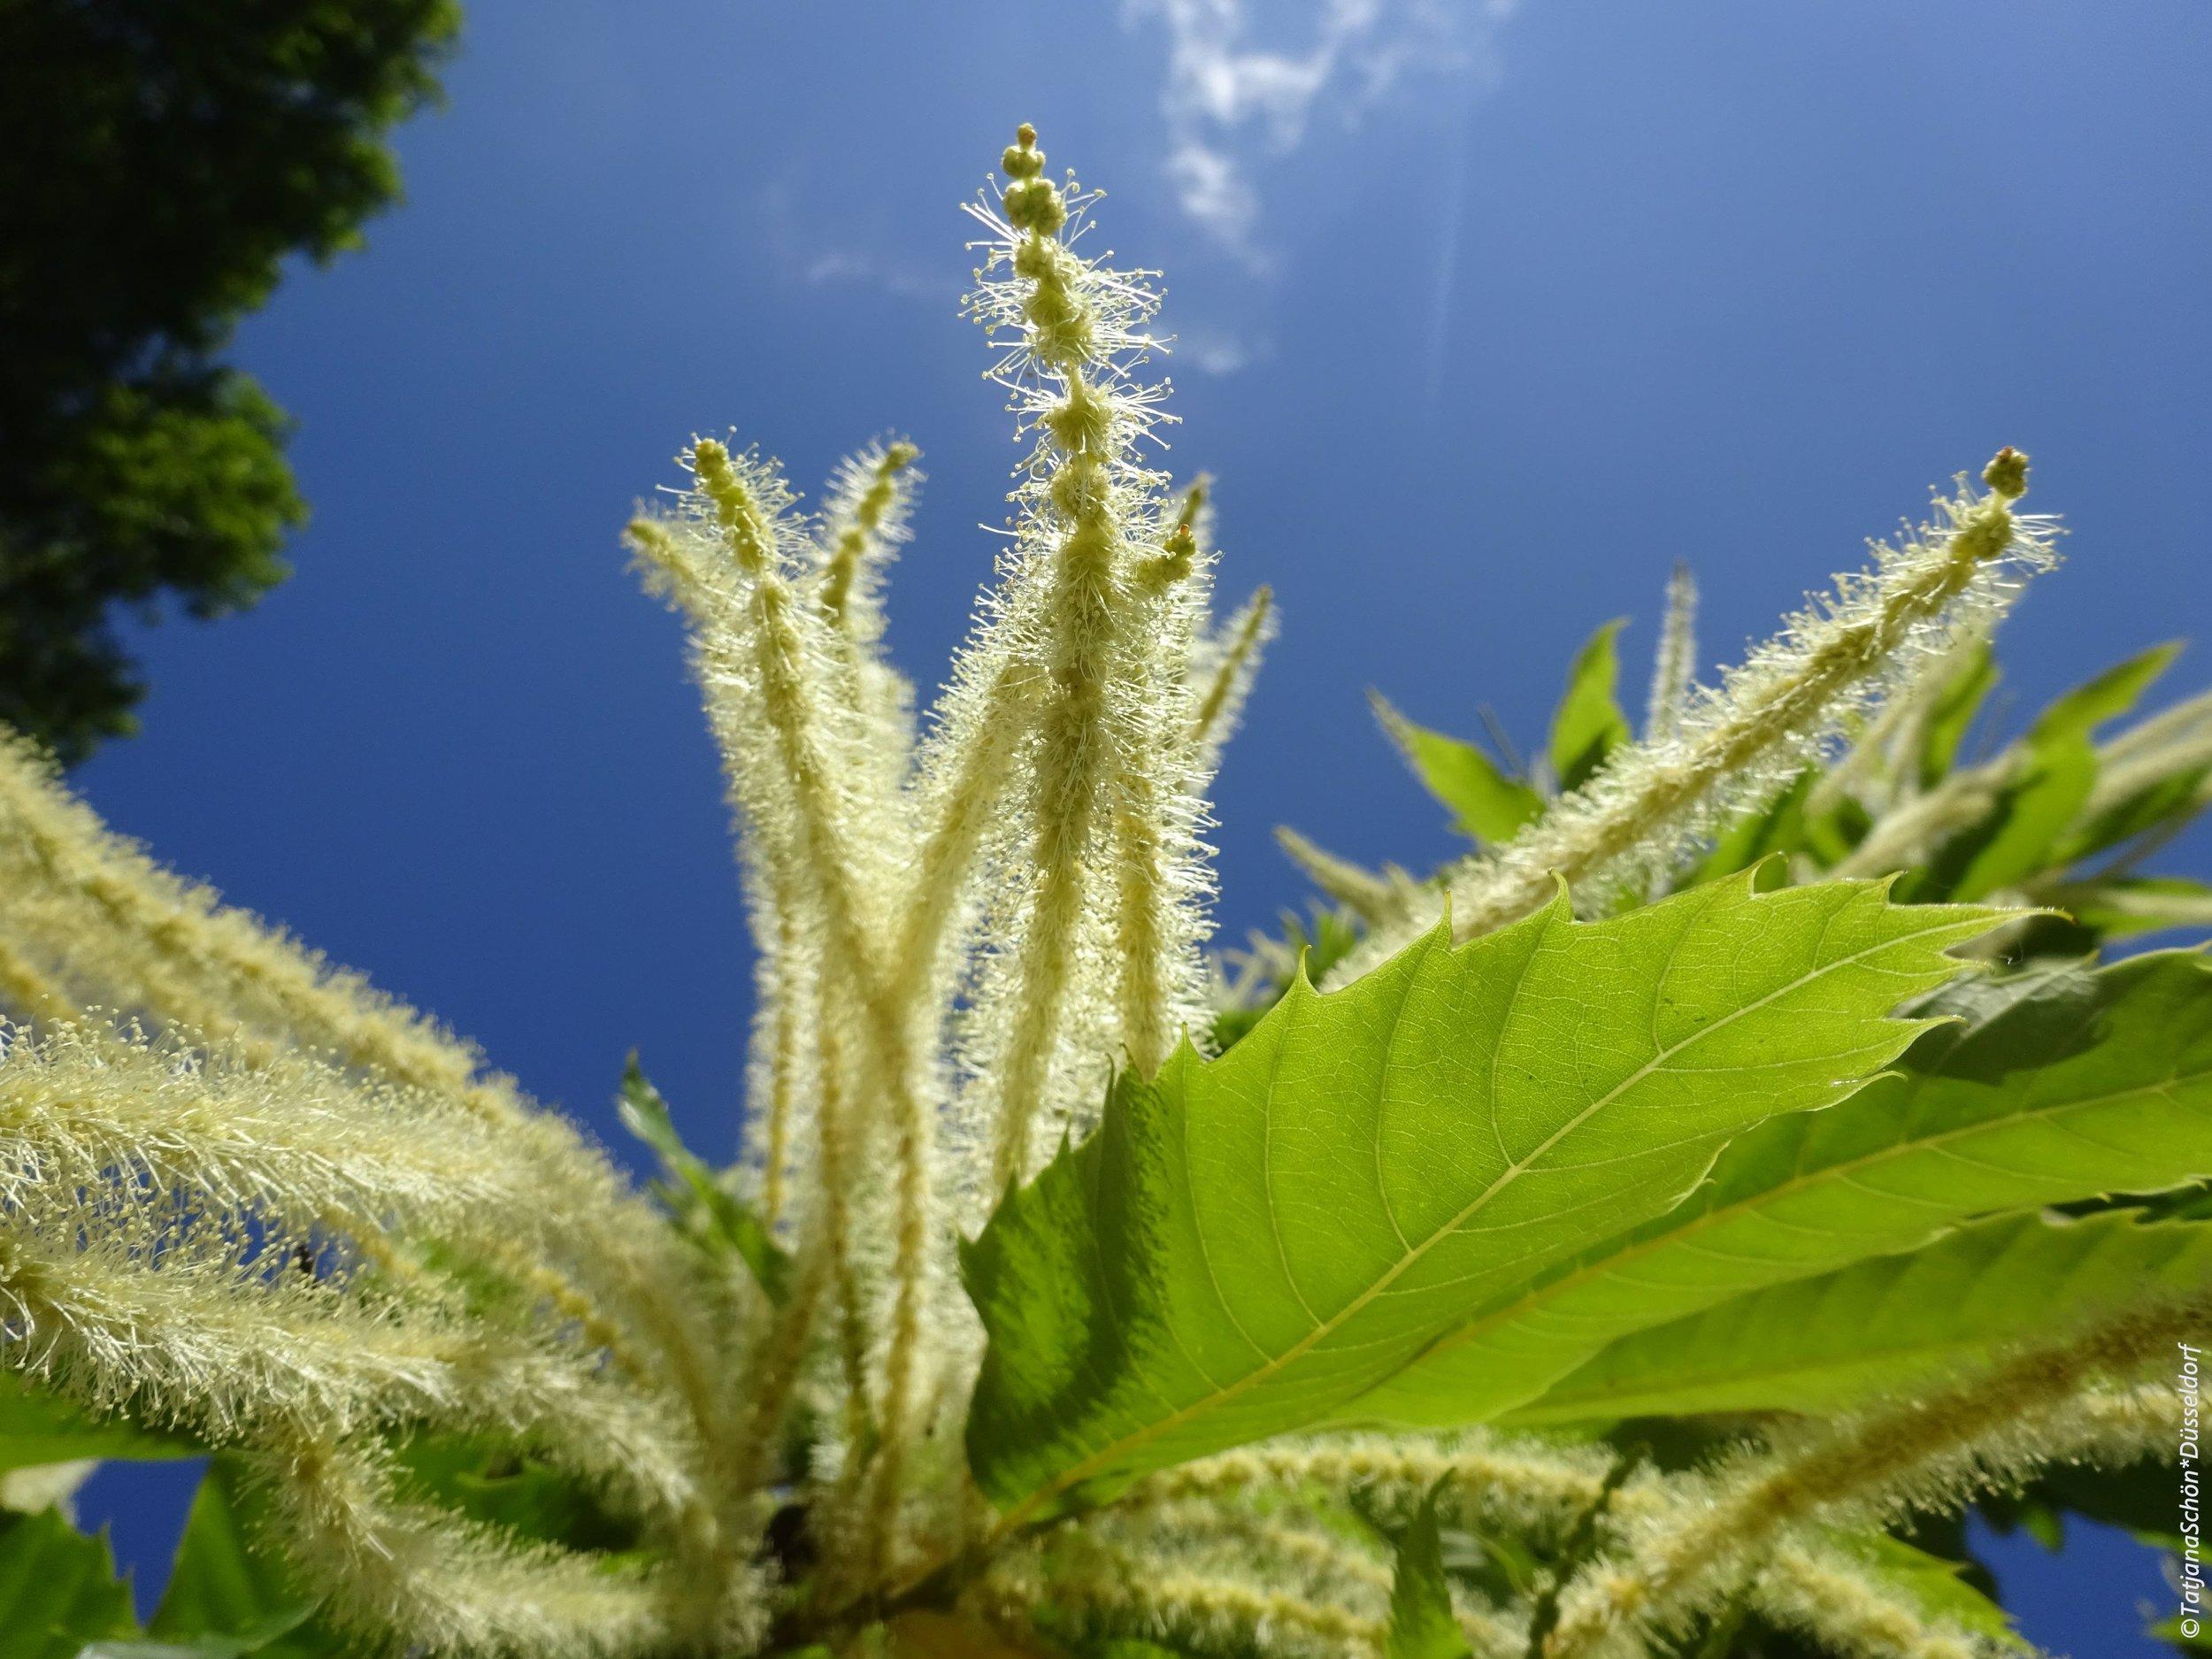 Листья - как у американского каштана, оказалось, что и у японского они такой же формы.